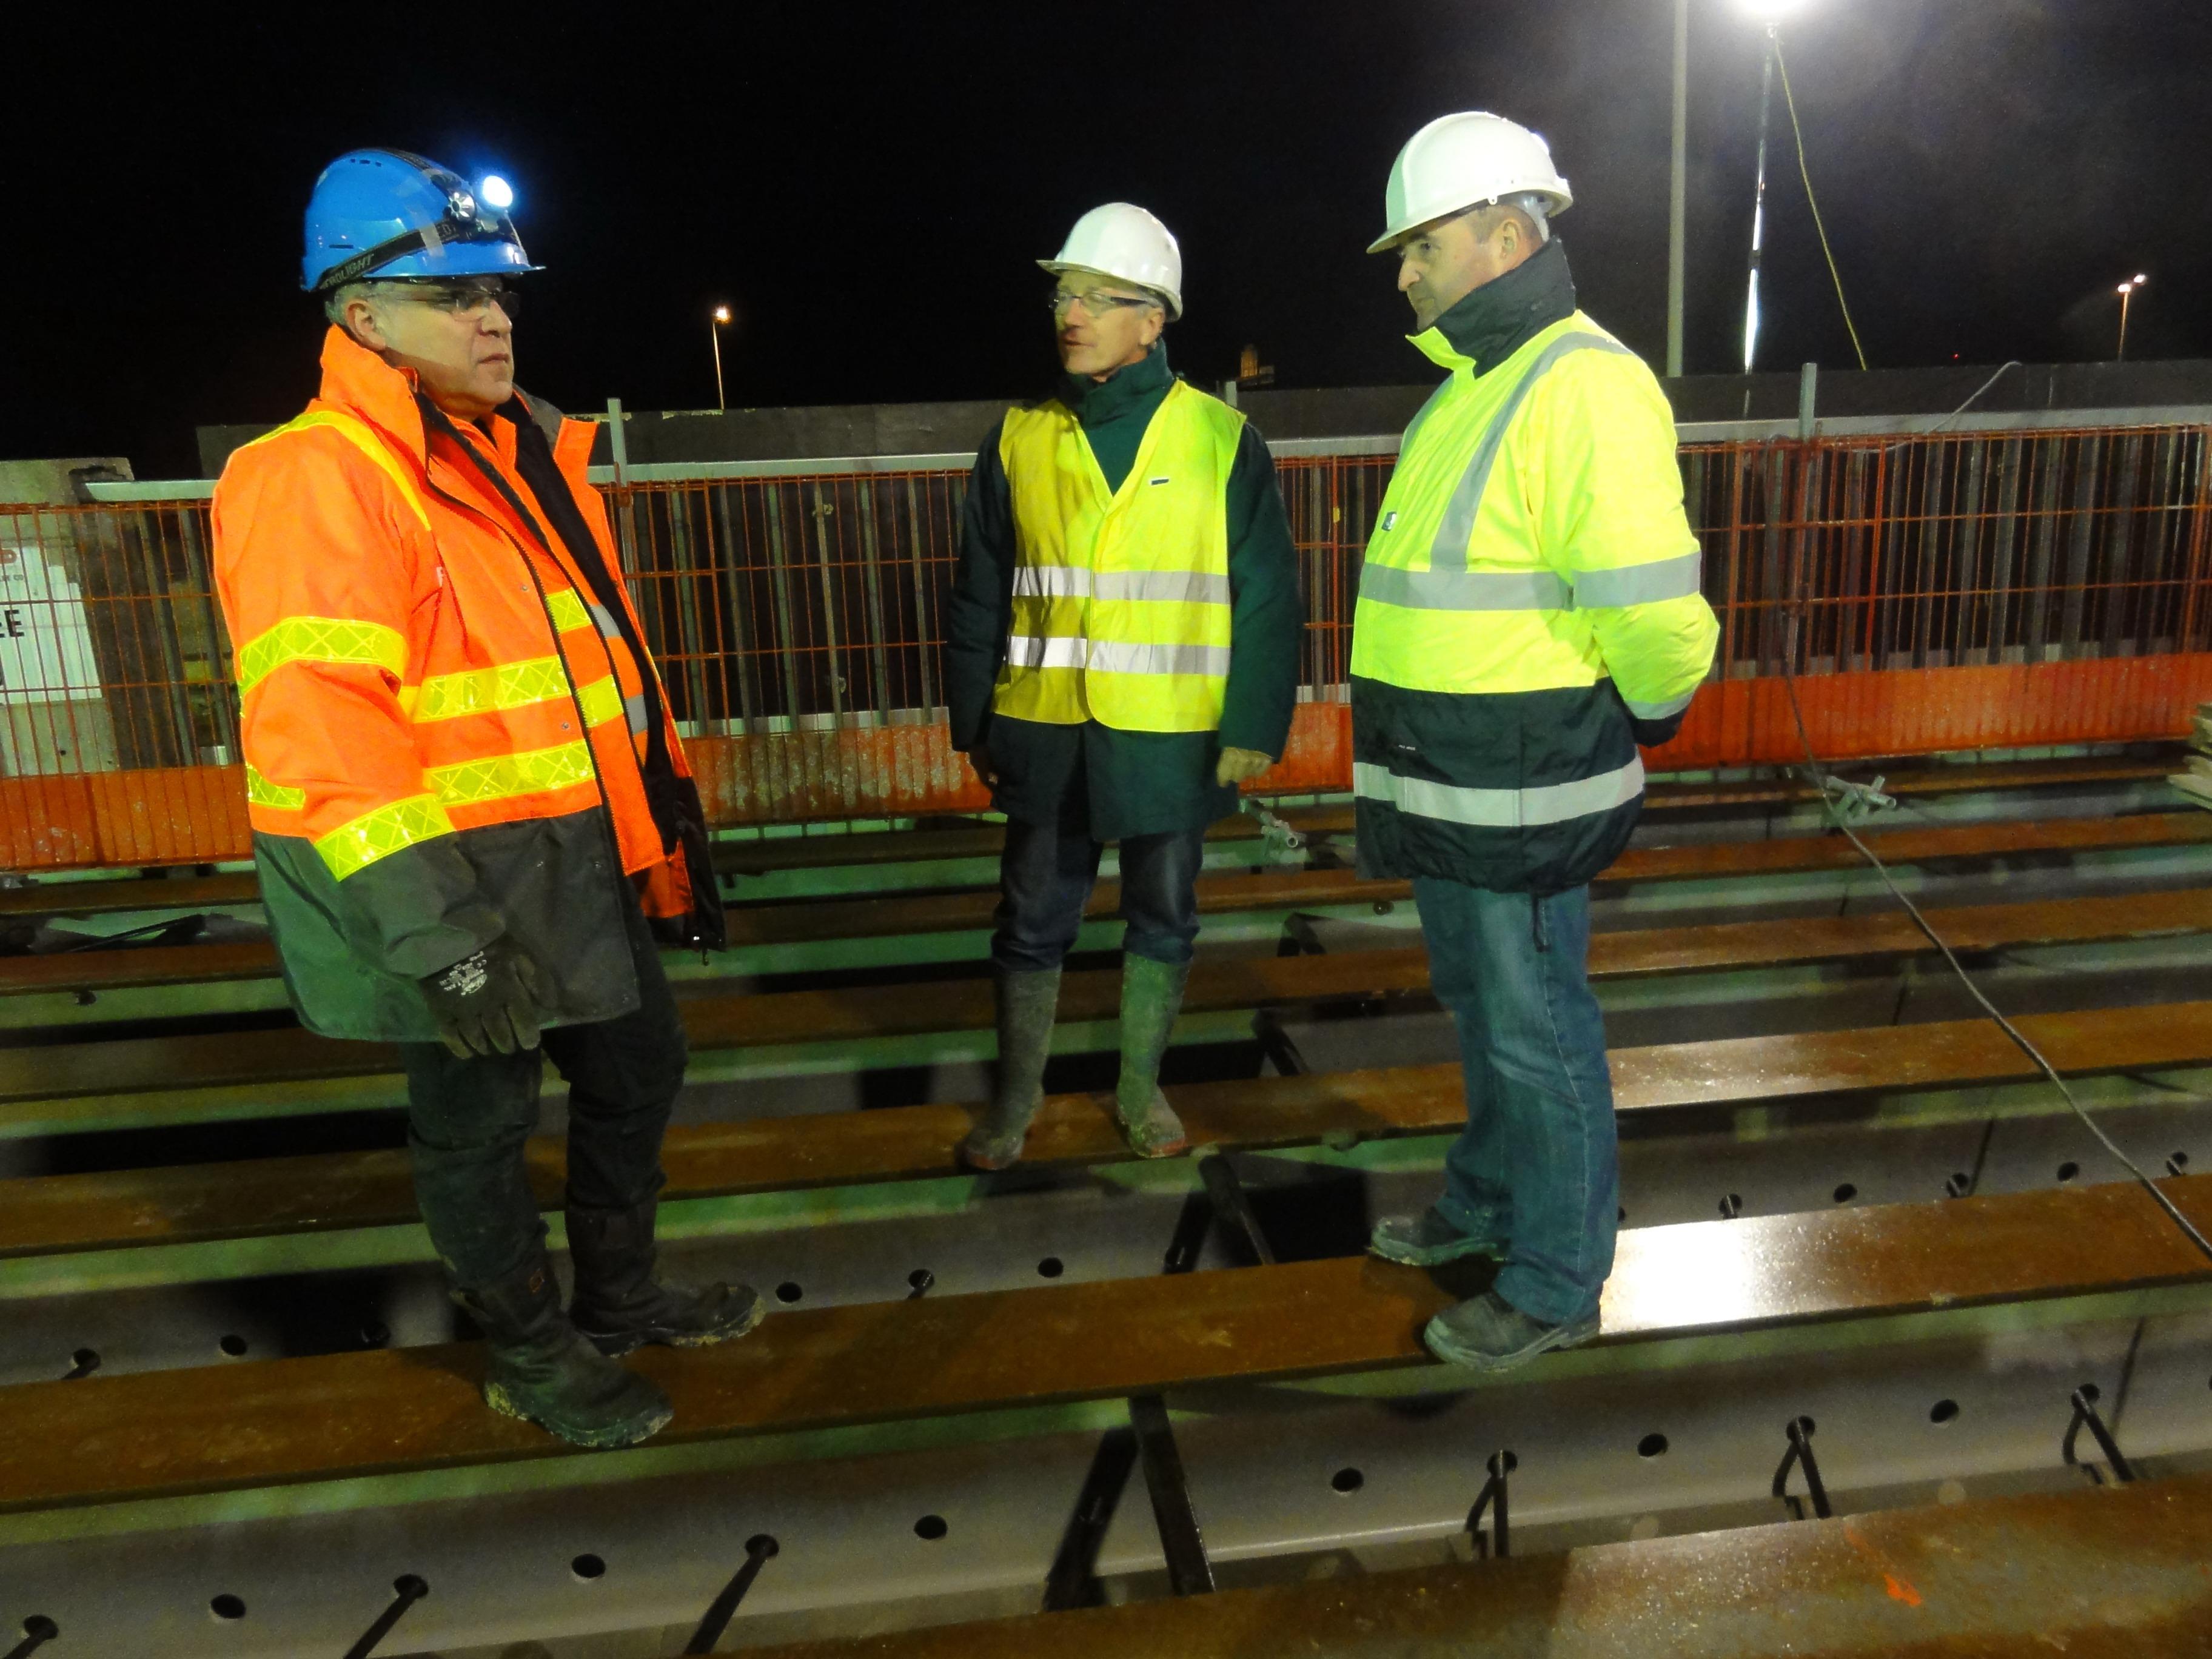 Visite de chantier lyc e f arago for Visite de chantier